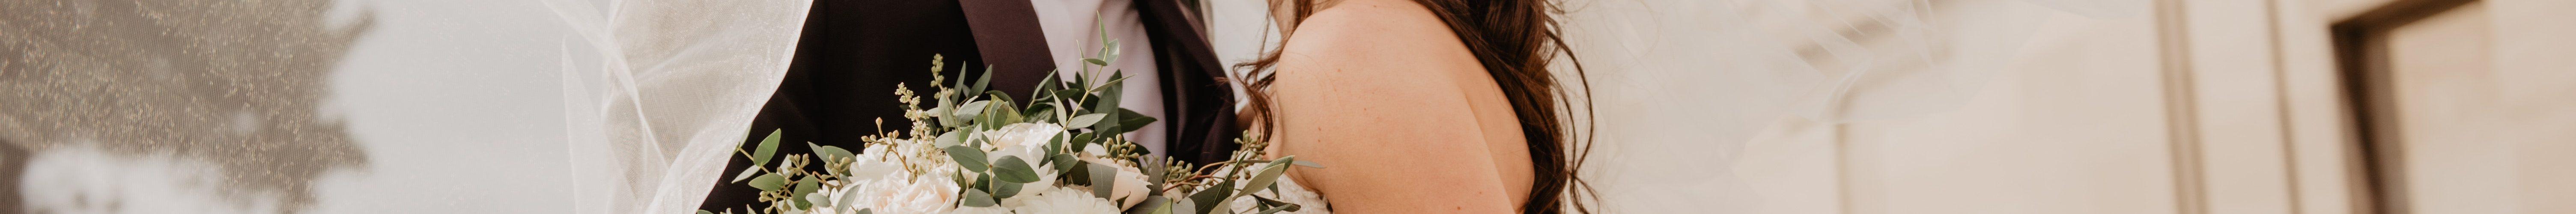 kleding voor bruid